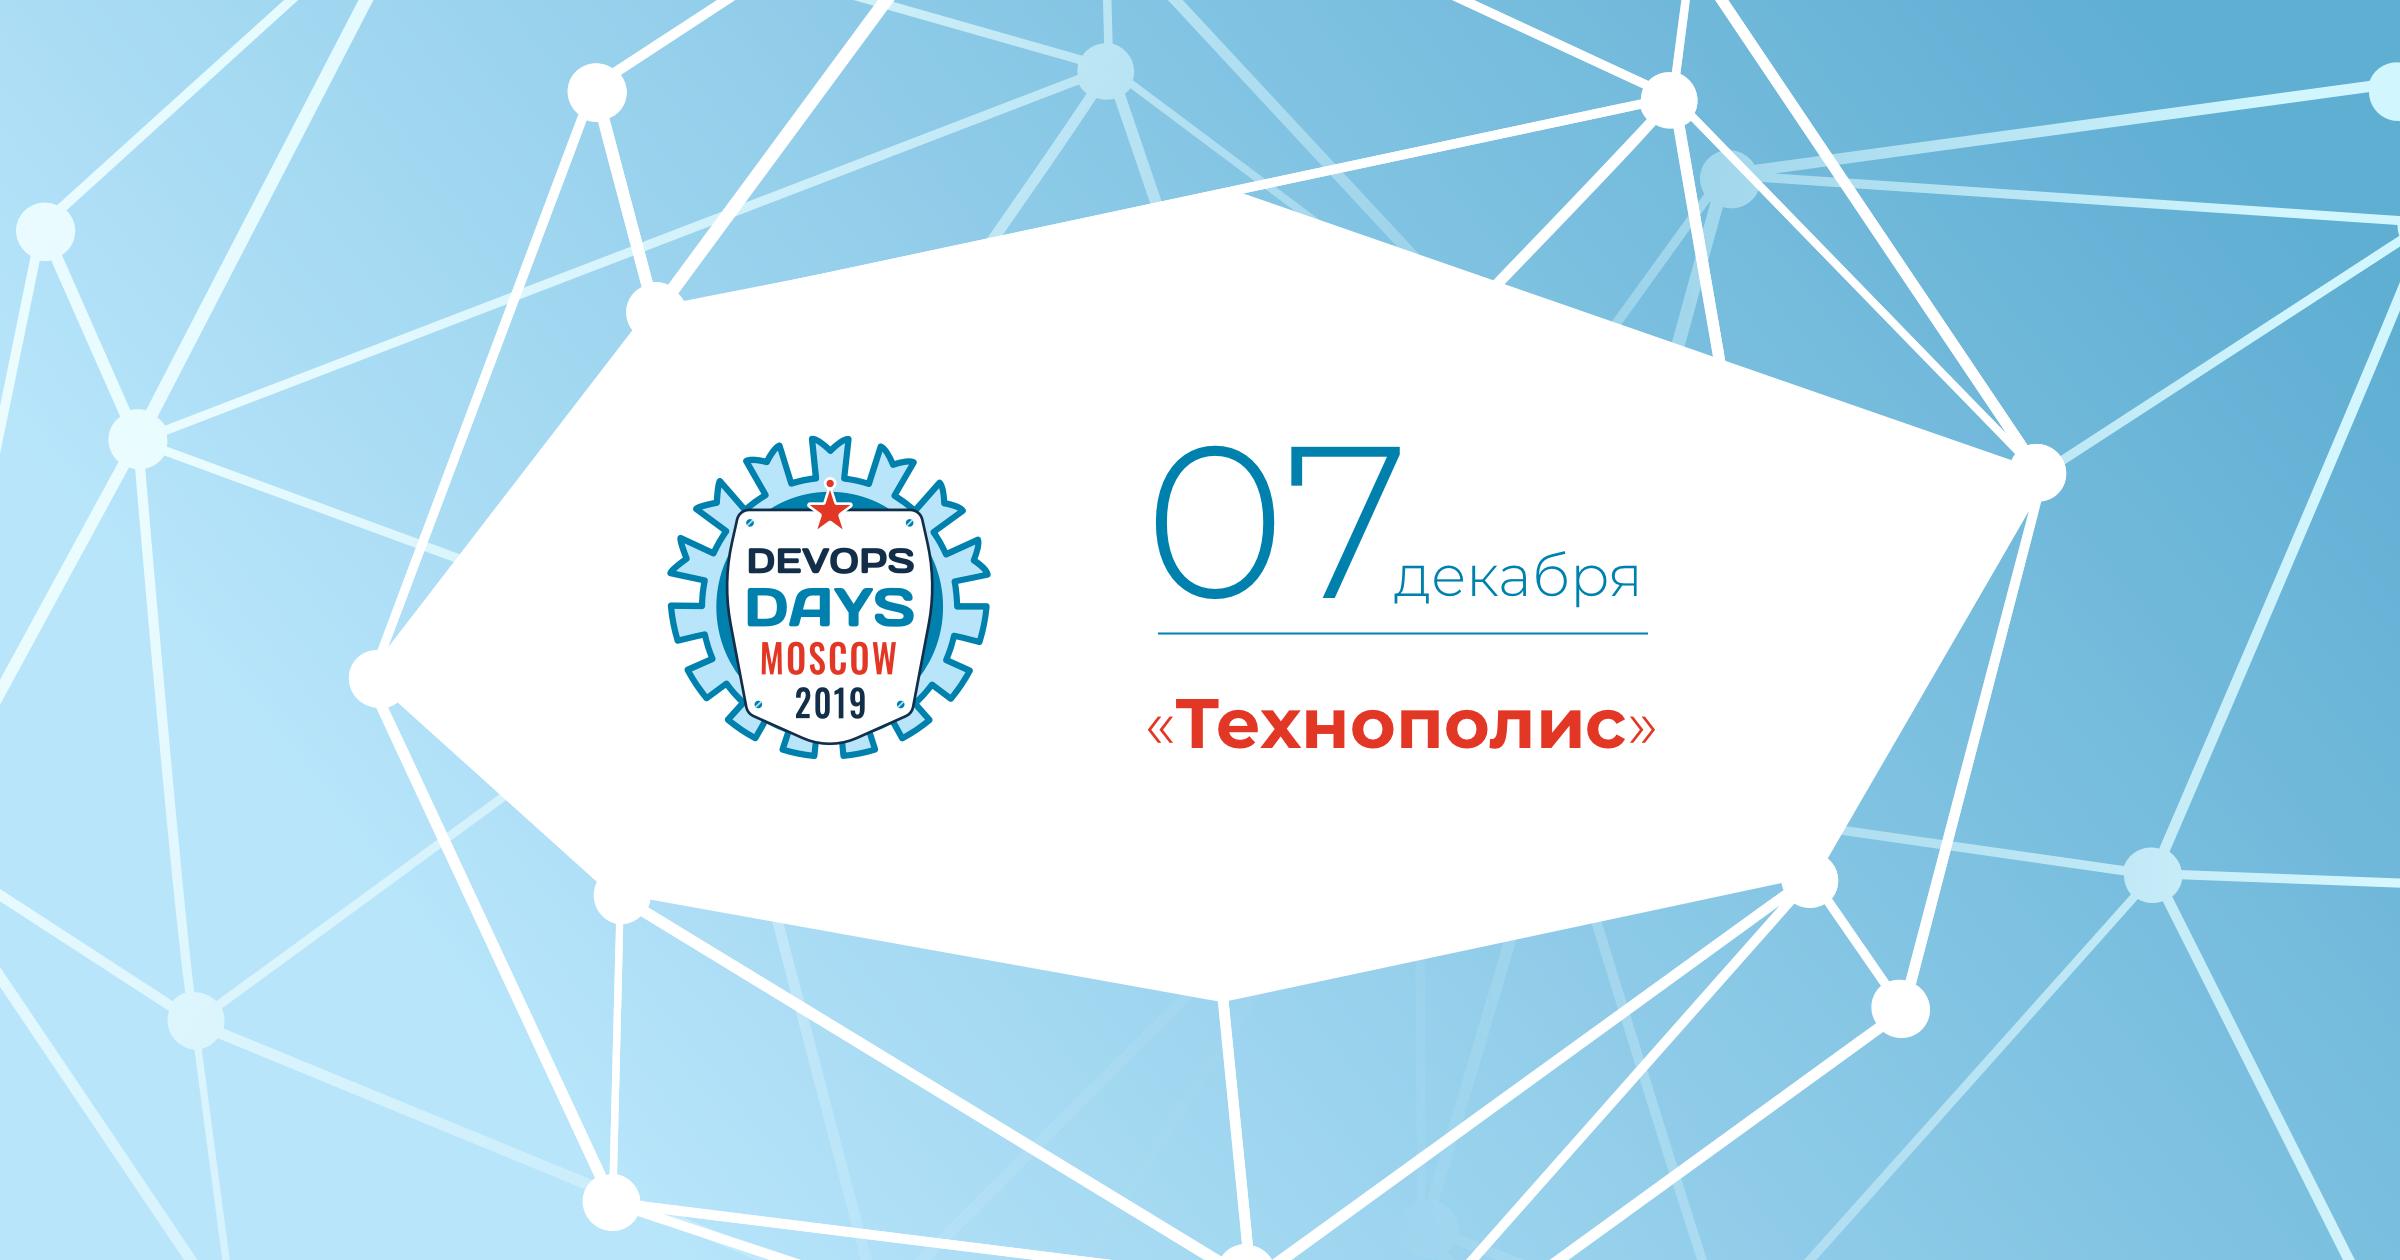 «Конференция для людей и для решения их запросов»: программный комитет DevOpsDays о том, что такое комьюнити-конференция